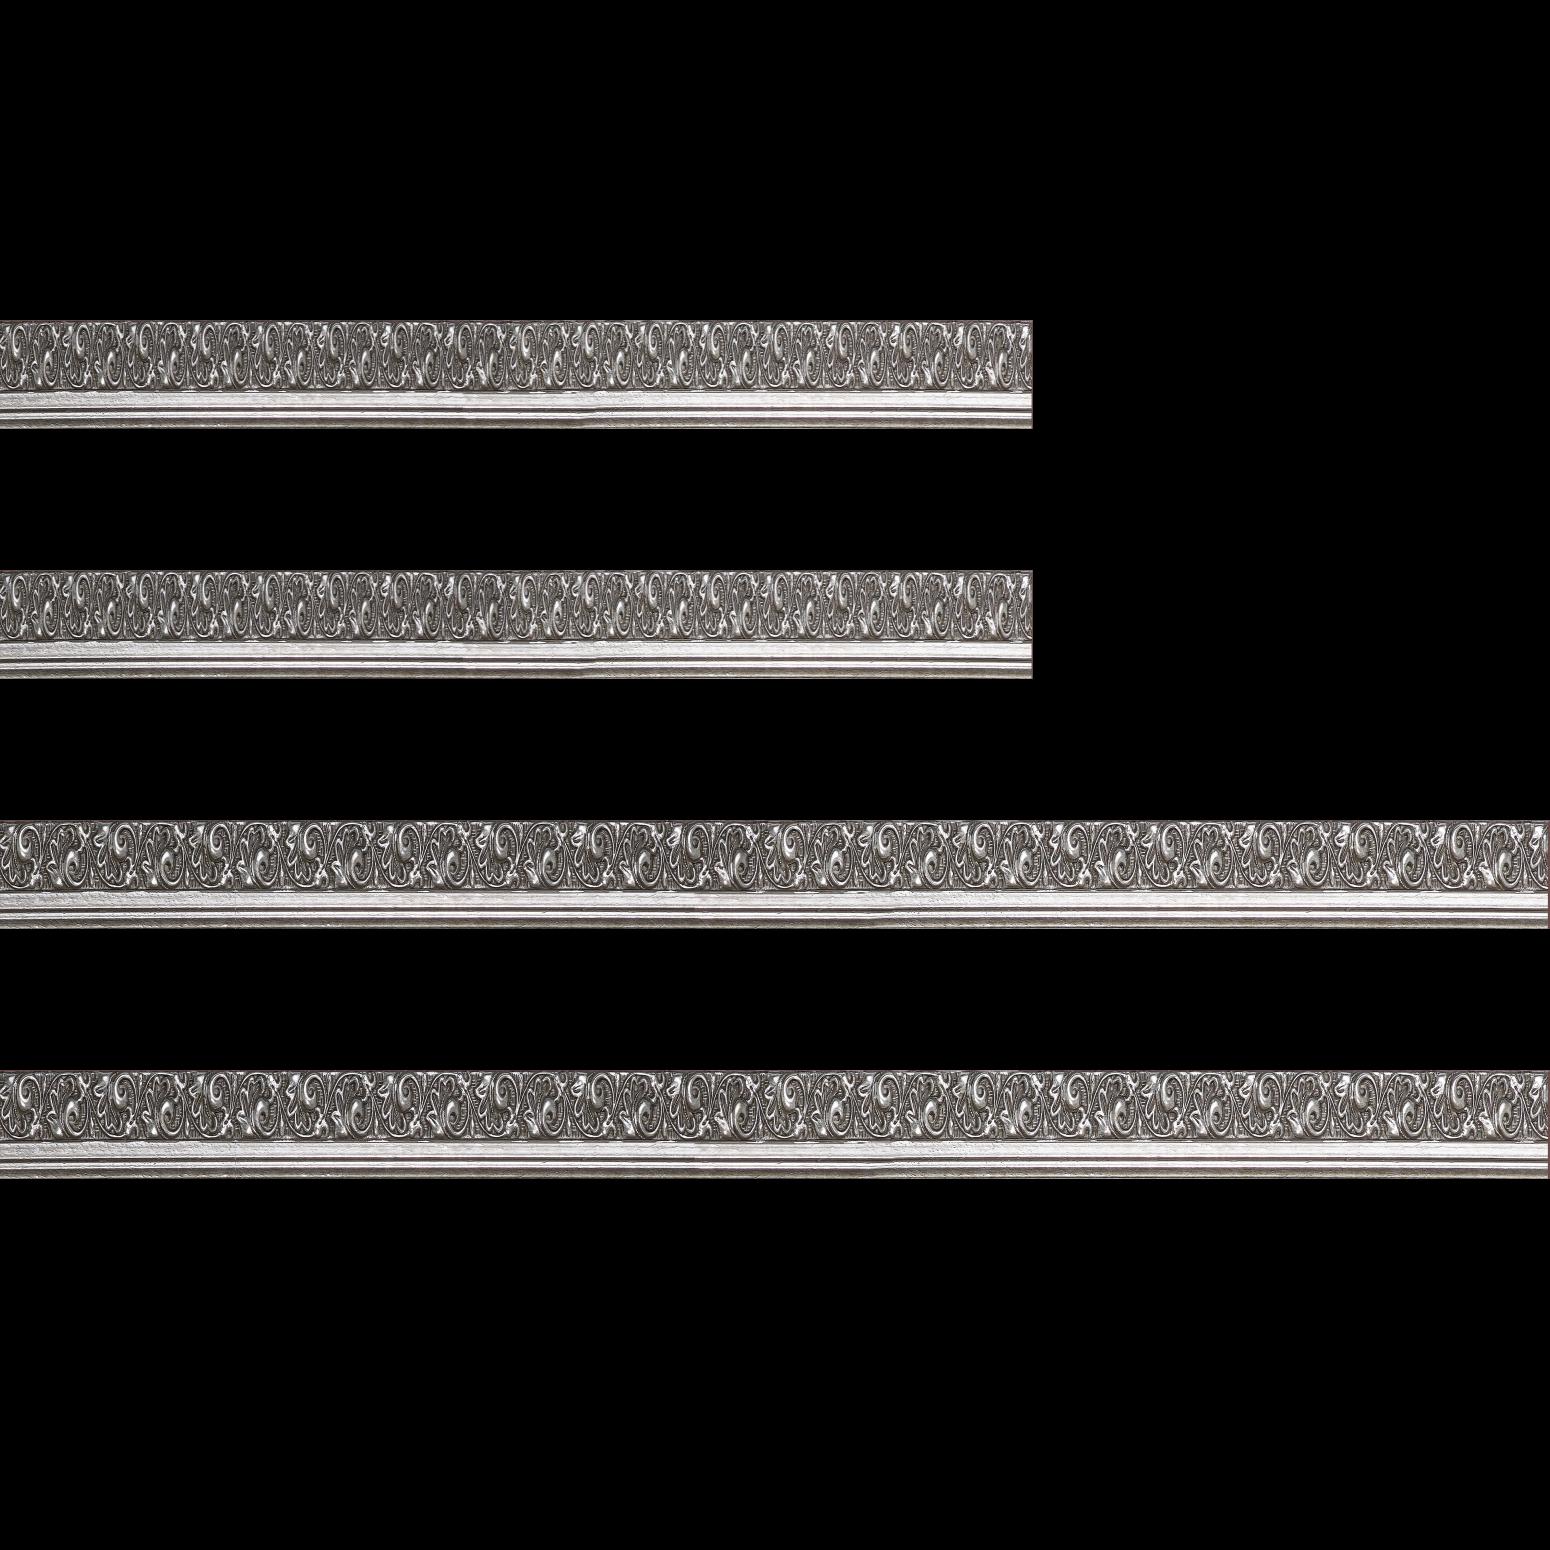 Baguette bois profil plat largeur 3.5cm argent froid antique satiné décor frise